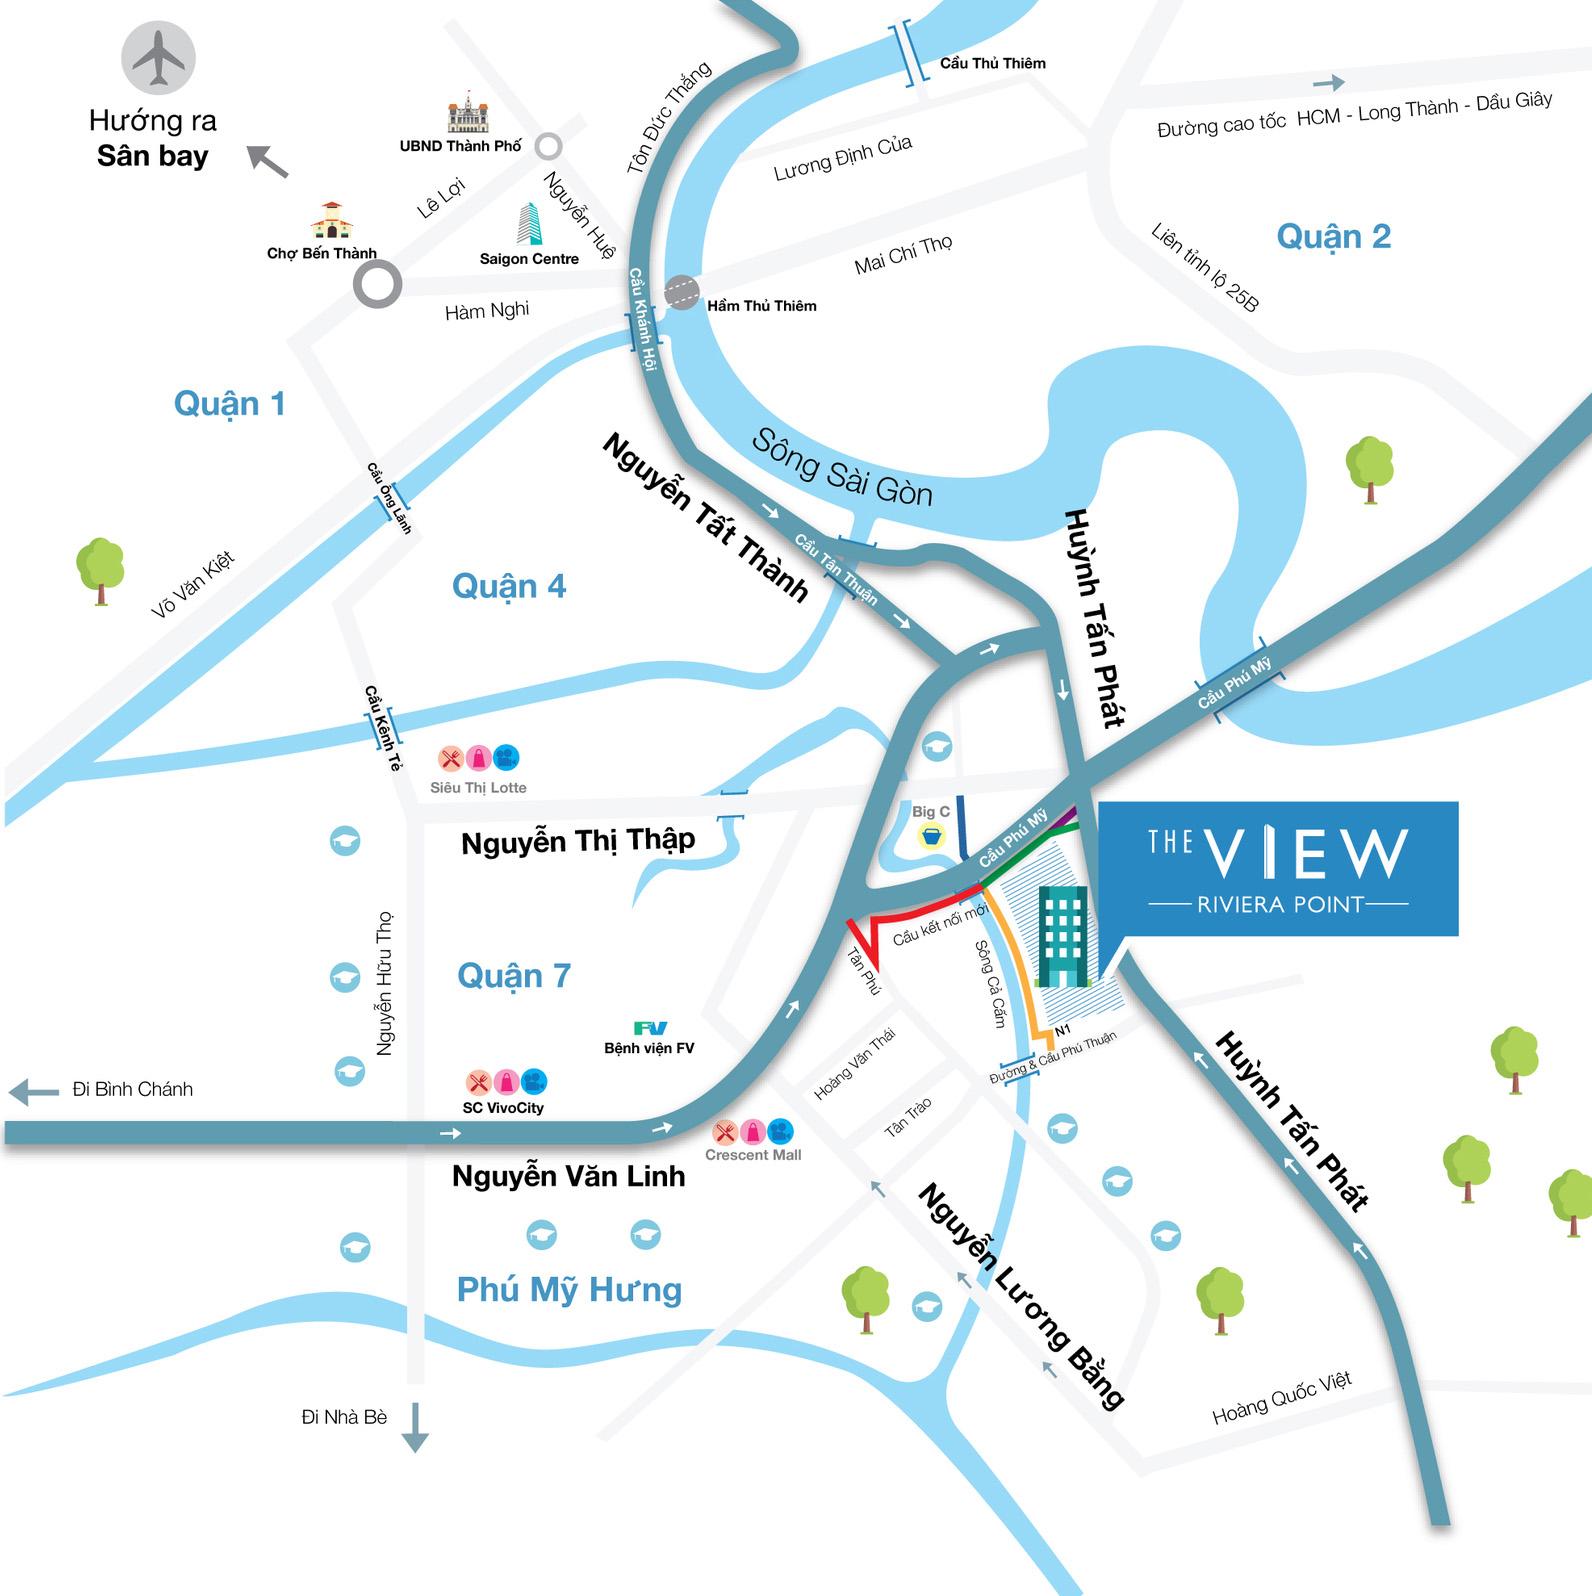 Bản đồ vị trí căn hộ The View quận 7 tại Riviera Point (Keppel Land).